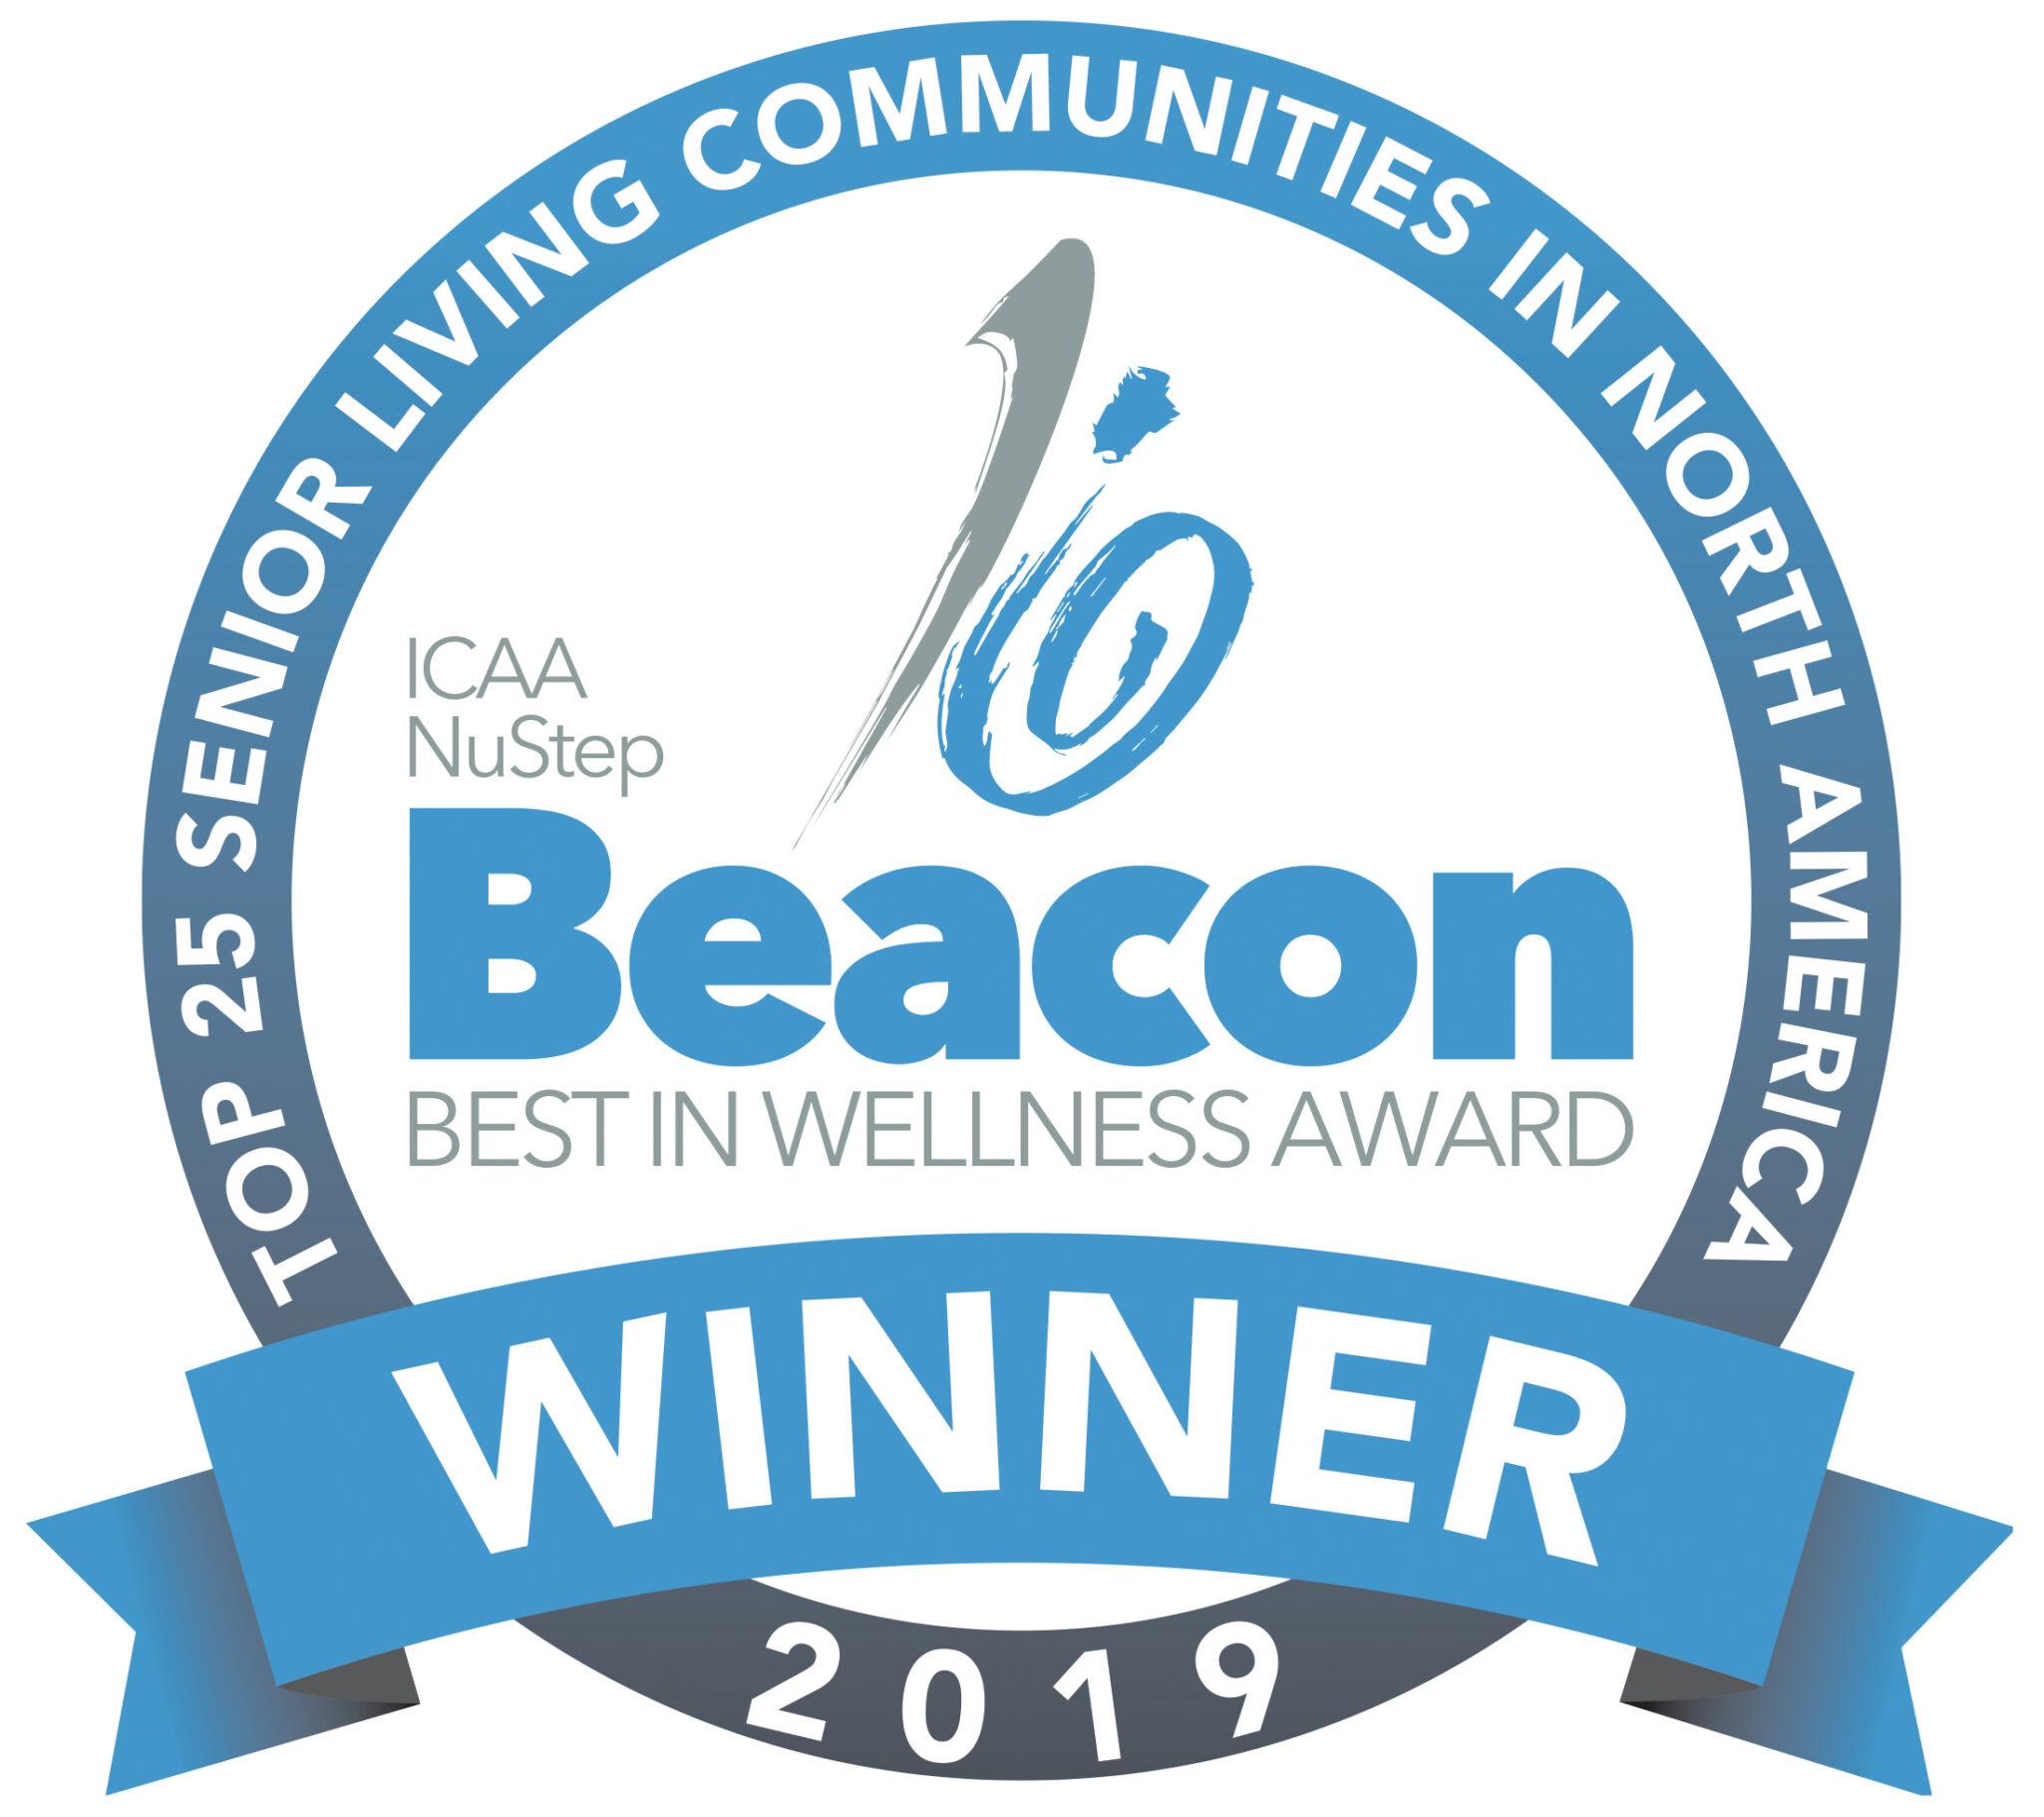 2019 Beacon Best in Wellness Award for senior living communities